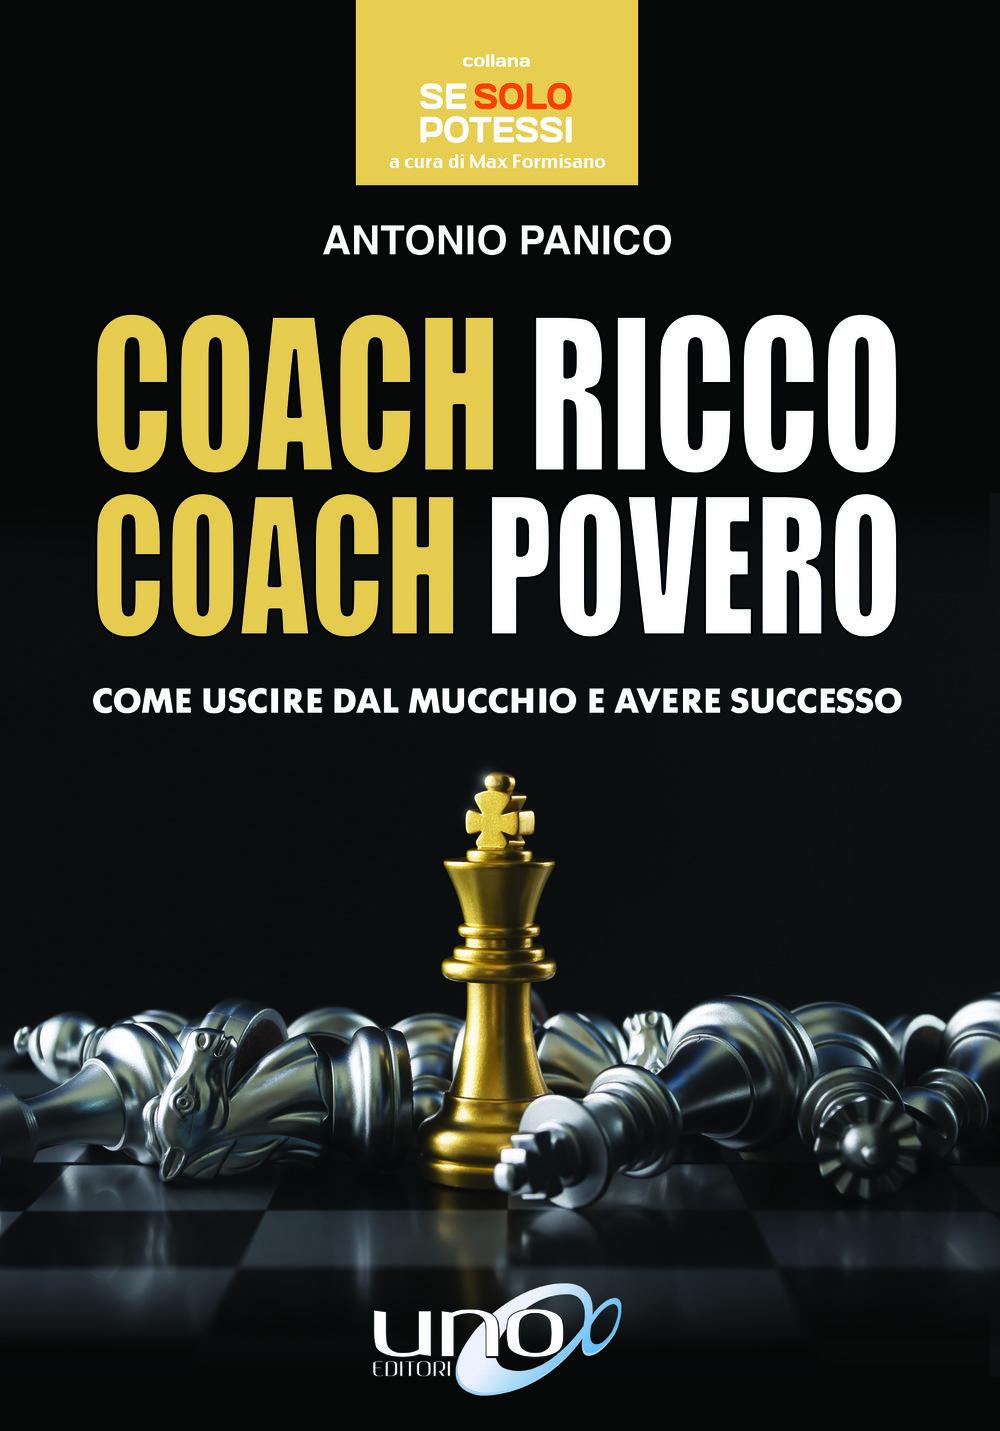 COACH RICCO COACH POVERO.jpg